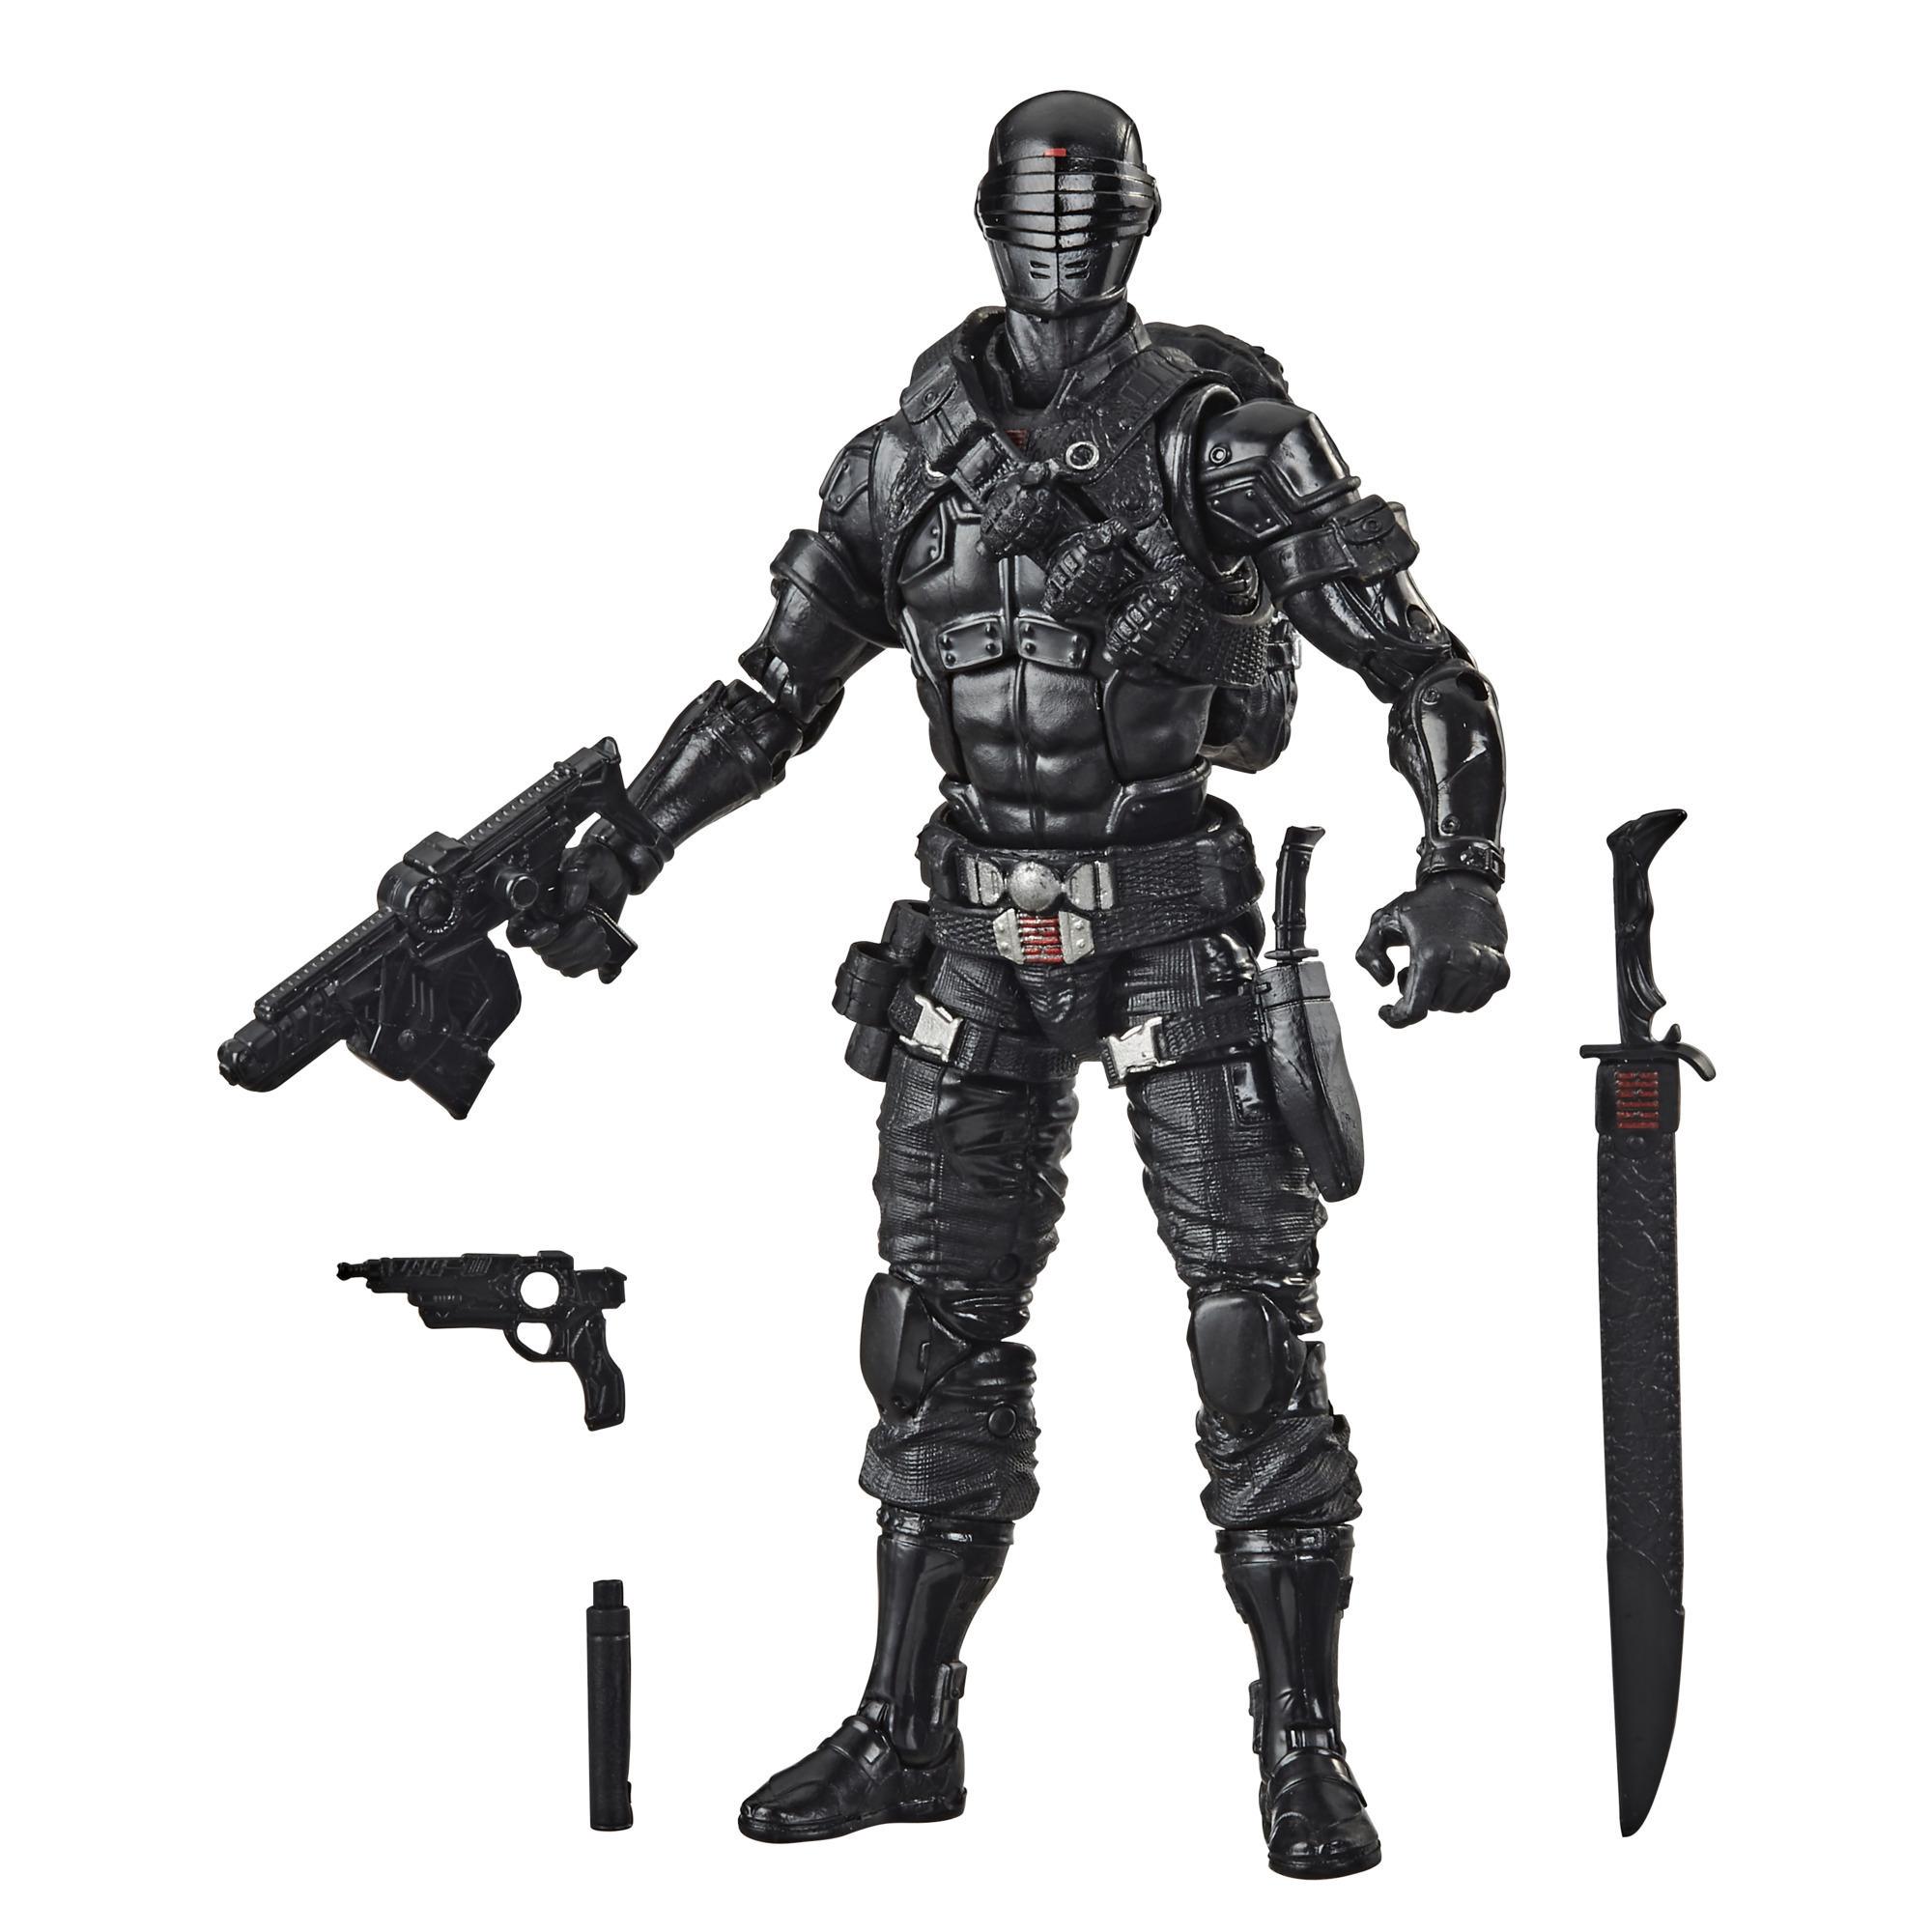 Contém: G.I. JOE Classified Series Snake Eyes Figura Brinquedo com múltiplos acessórios